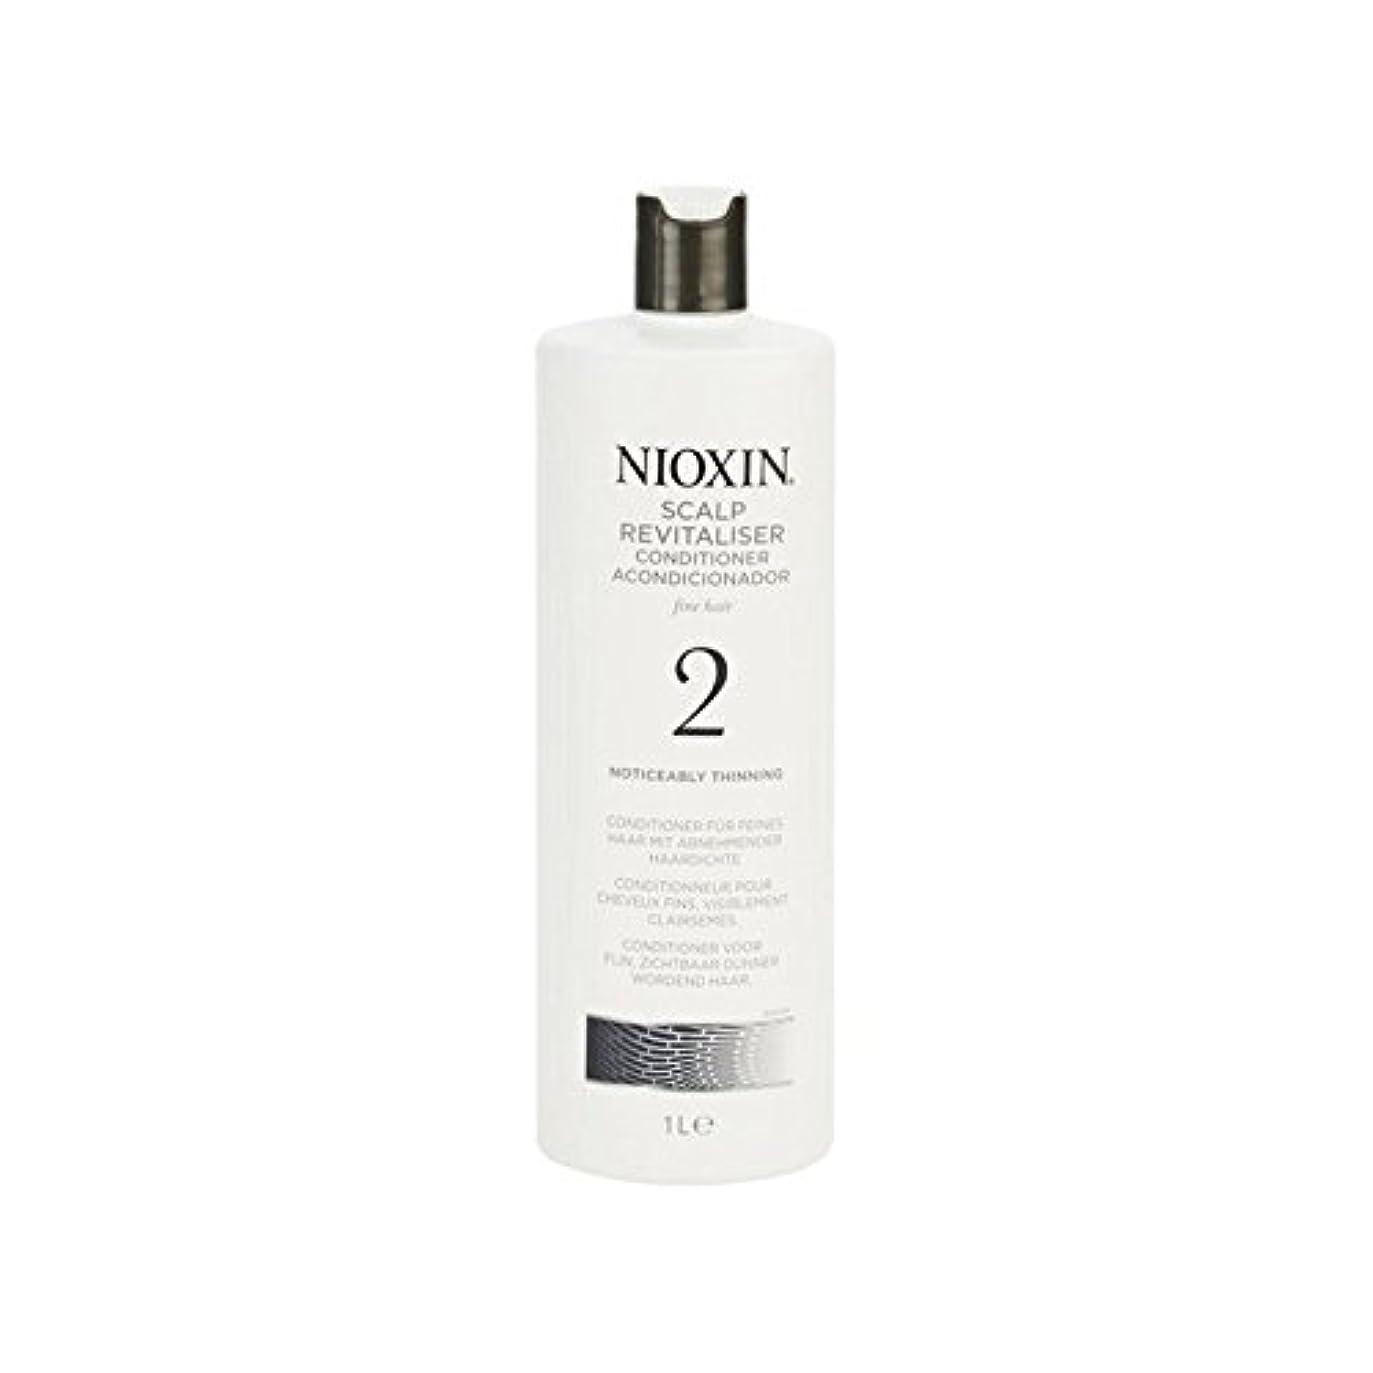 交通渋滞アブセイ儀式著しく間伐自然な髪千ミリリットルのためのニオキシンシステム2頭皮コンディショナー x4 - Nioxin System 2 Scalp Revitaliser Conditioner For Noticeably Thinning Natural Hair 1000ml (Pack of 4) [並行輸入品]